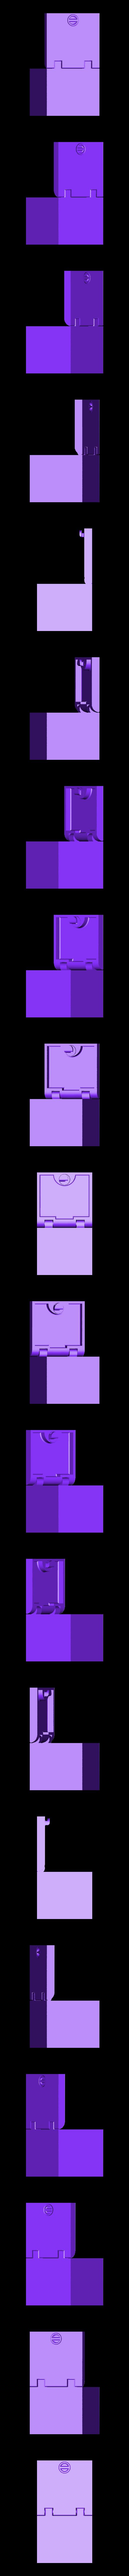 Print_in_place_Box.stl Télécharger fichier STL gratuit Impression en place Boîte de verrouillage - Pas d'assemblage ! • Design à imprimer en 3D, SunShine